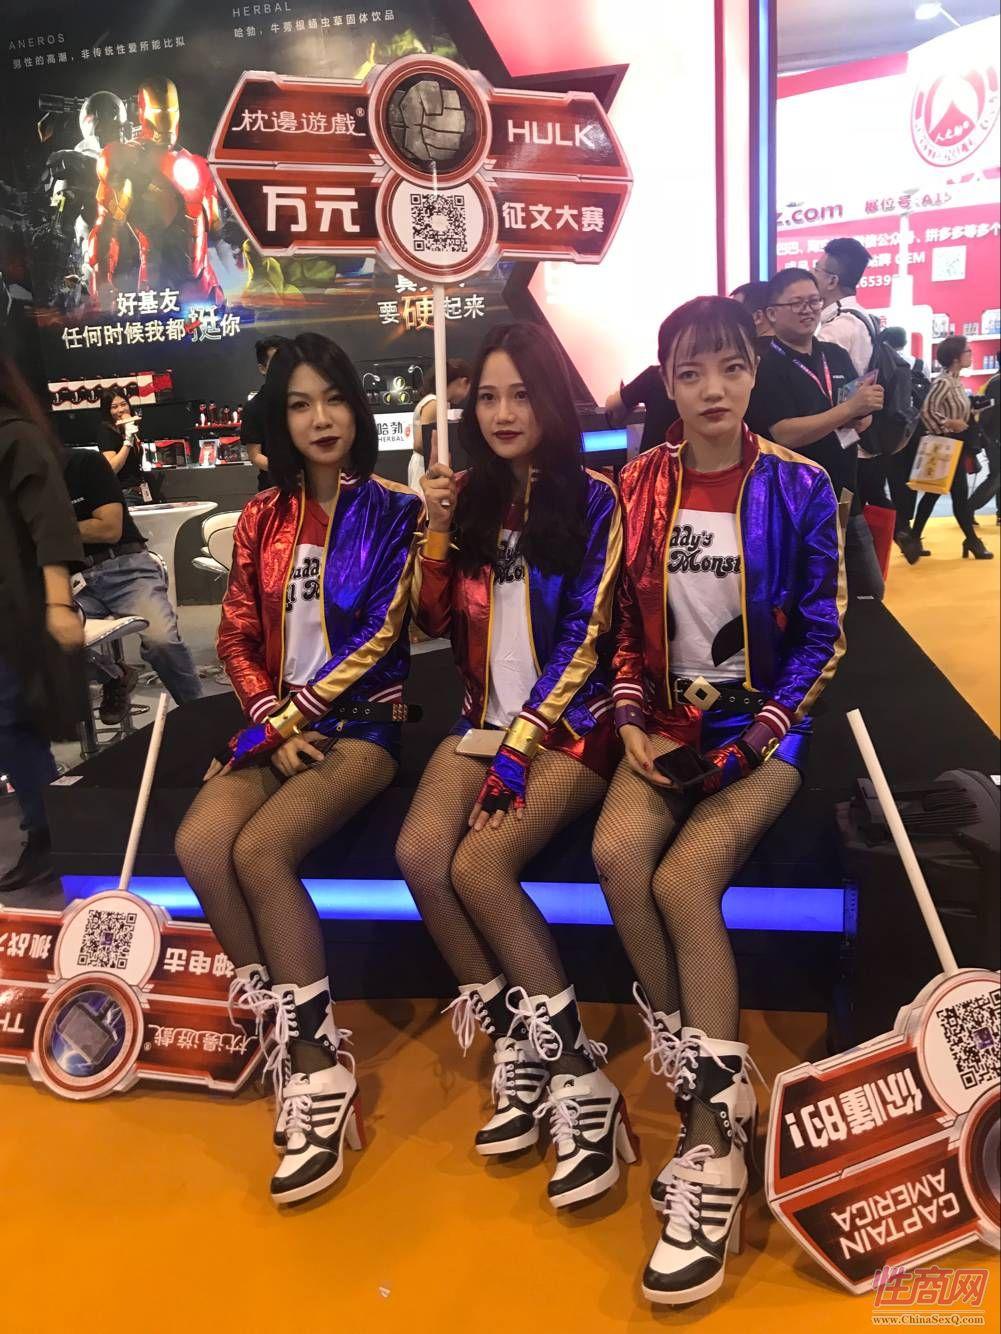 2018广州性文化节:美女模特